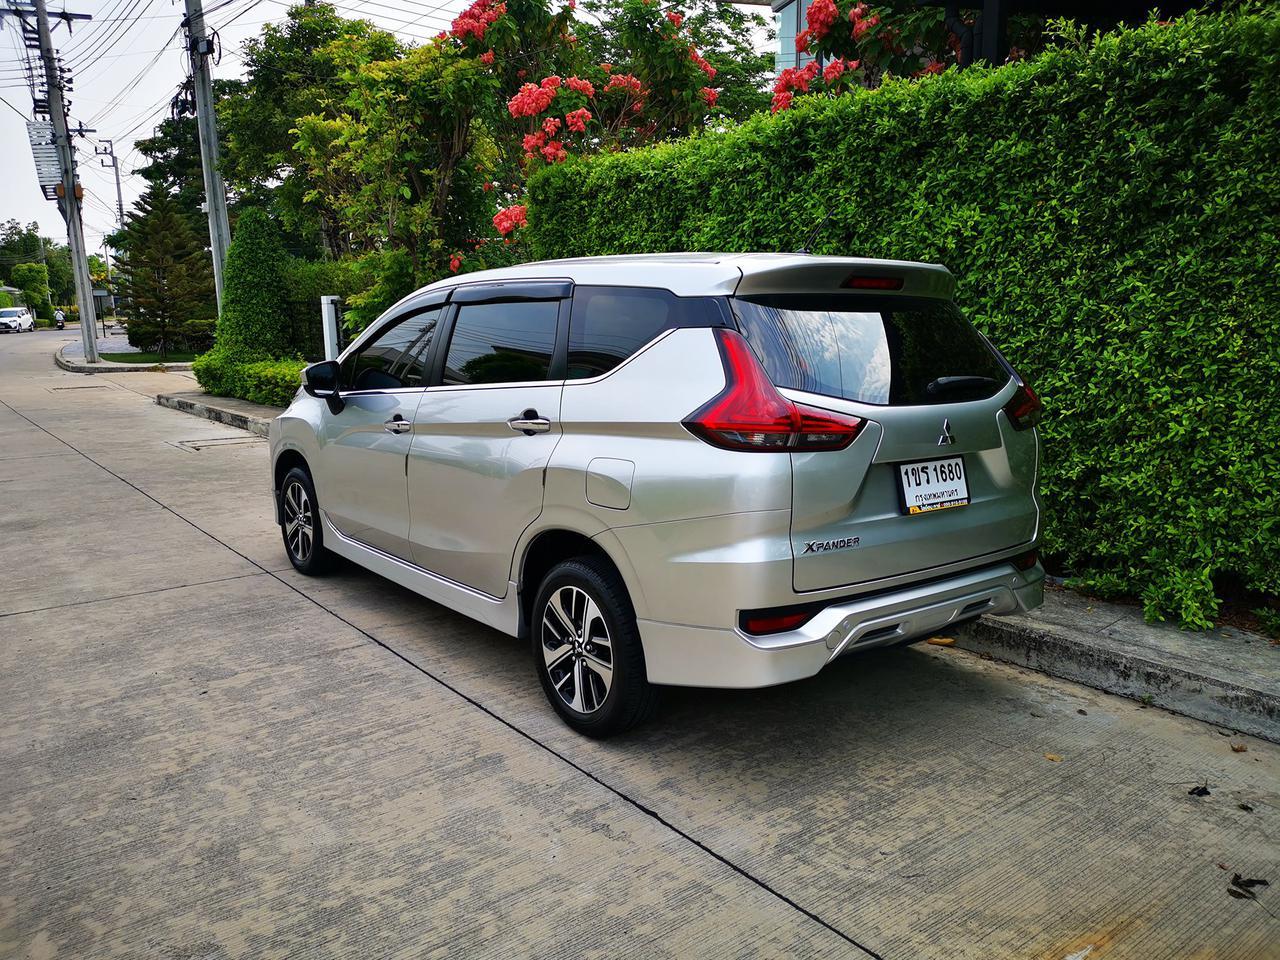 ขาย รถมือสอง สภาพป้ายแดง Mitsubishi Xpander รุ่นท๊อปสุด ไมล์แท้ 10,000 กม. เข้าศูนย์ตลอด รูปที่ 2